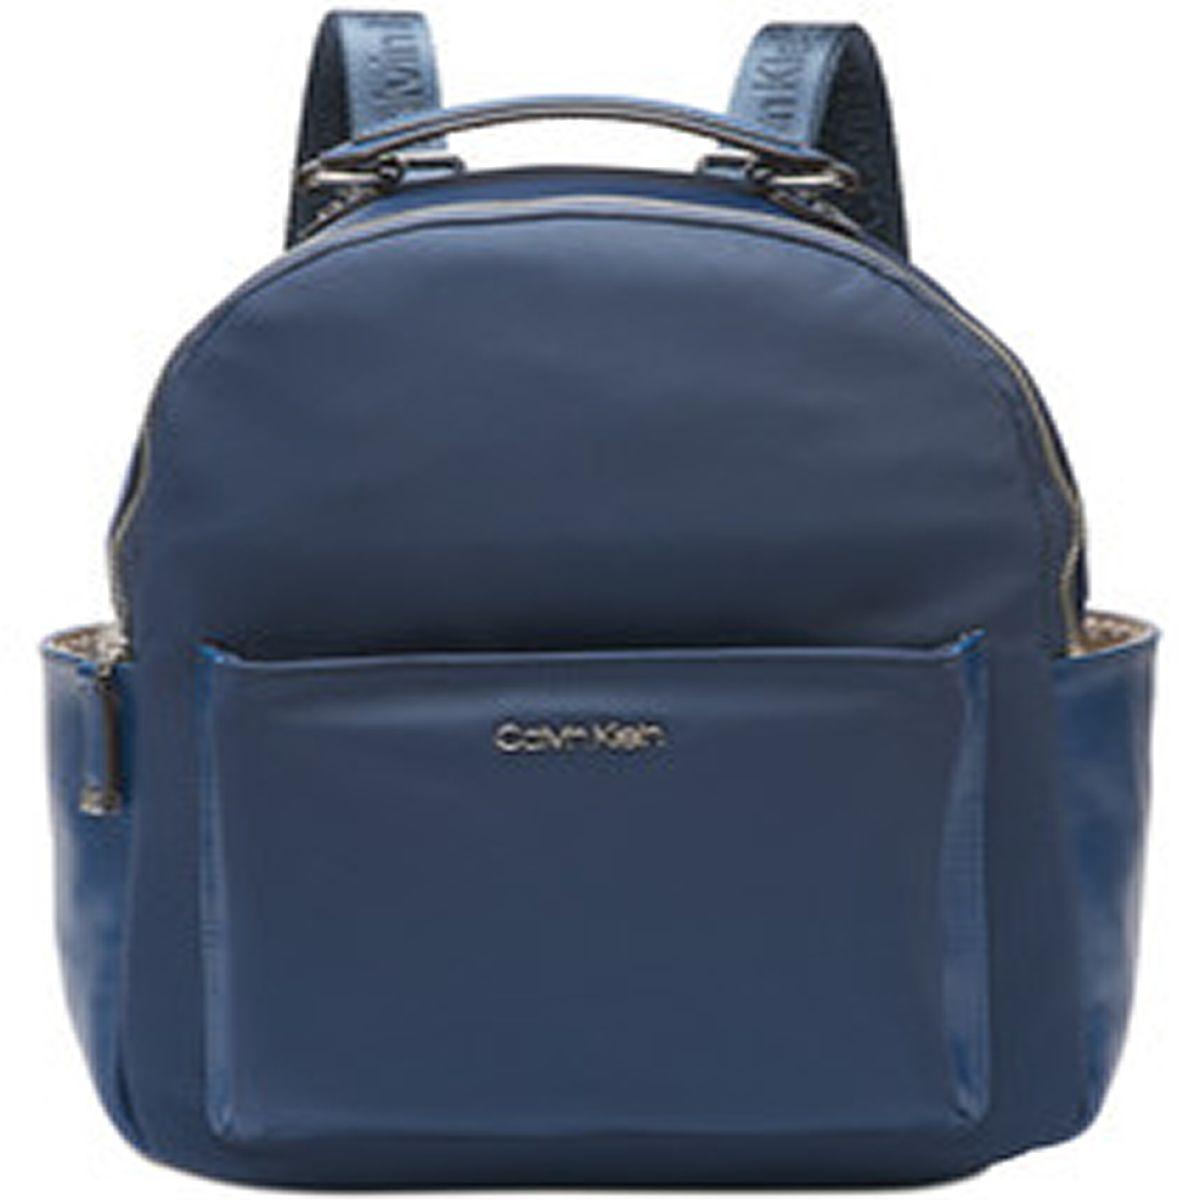 0498298d1e Nylon Calvin Klein Handbags   Bags - Macy s